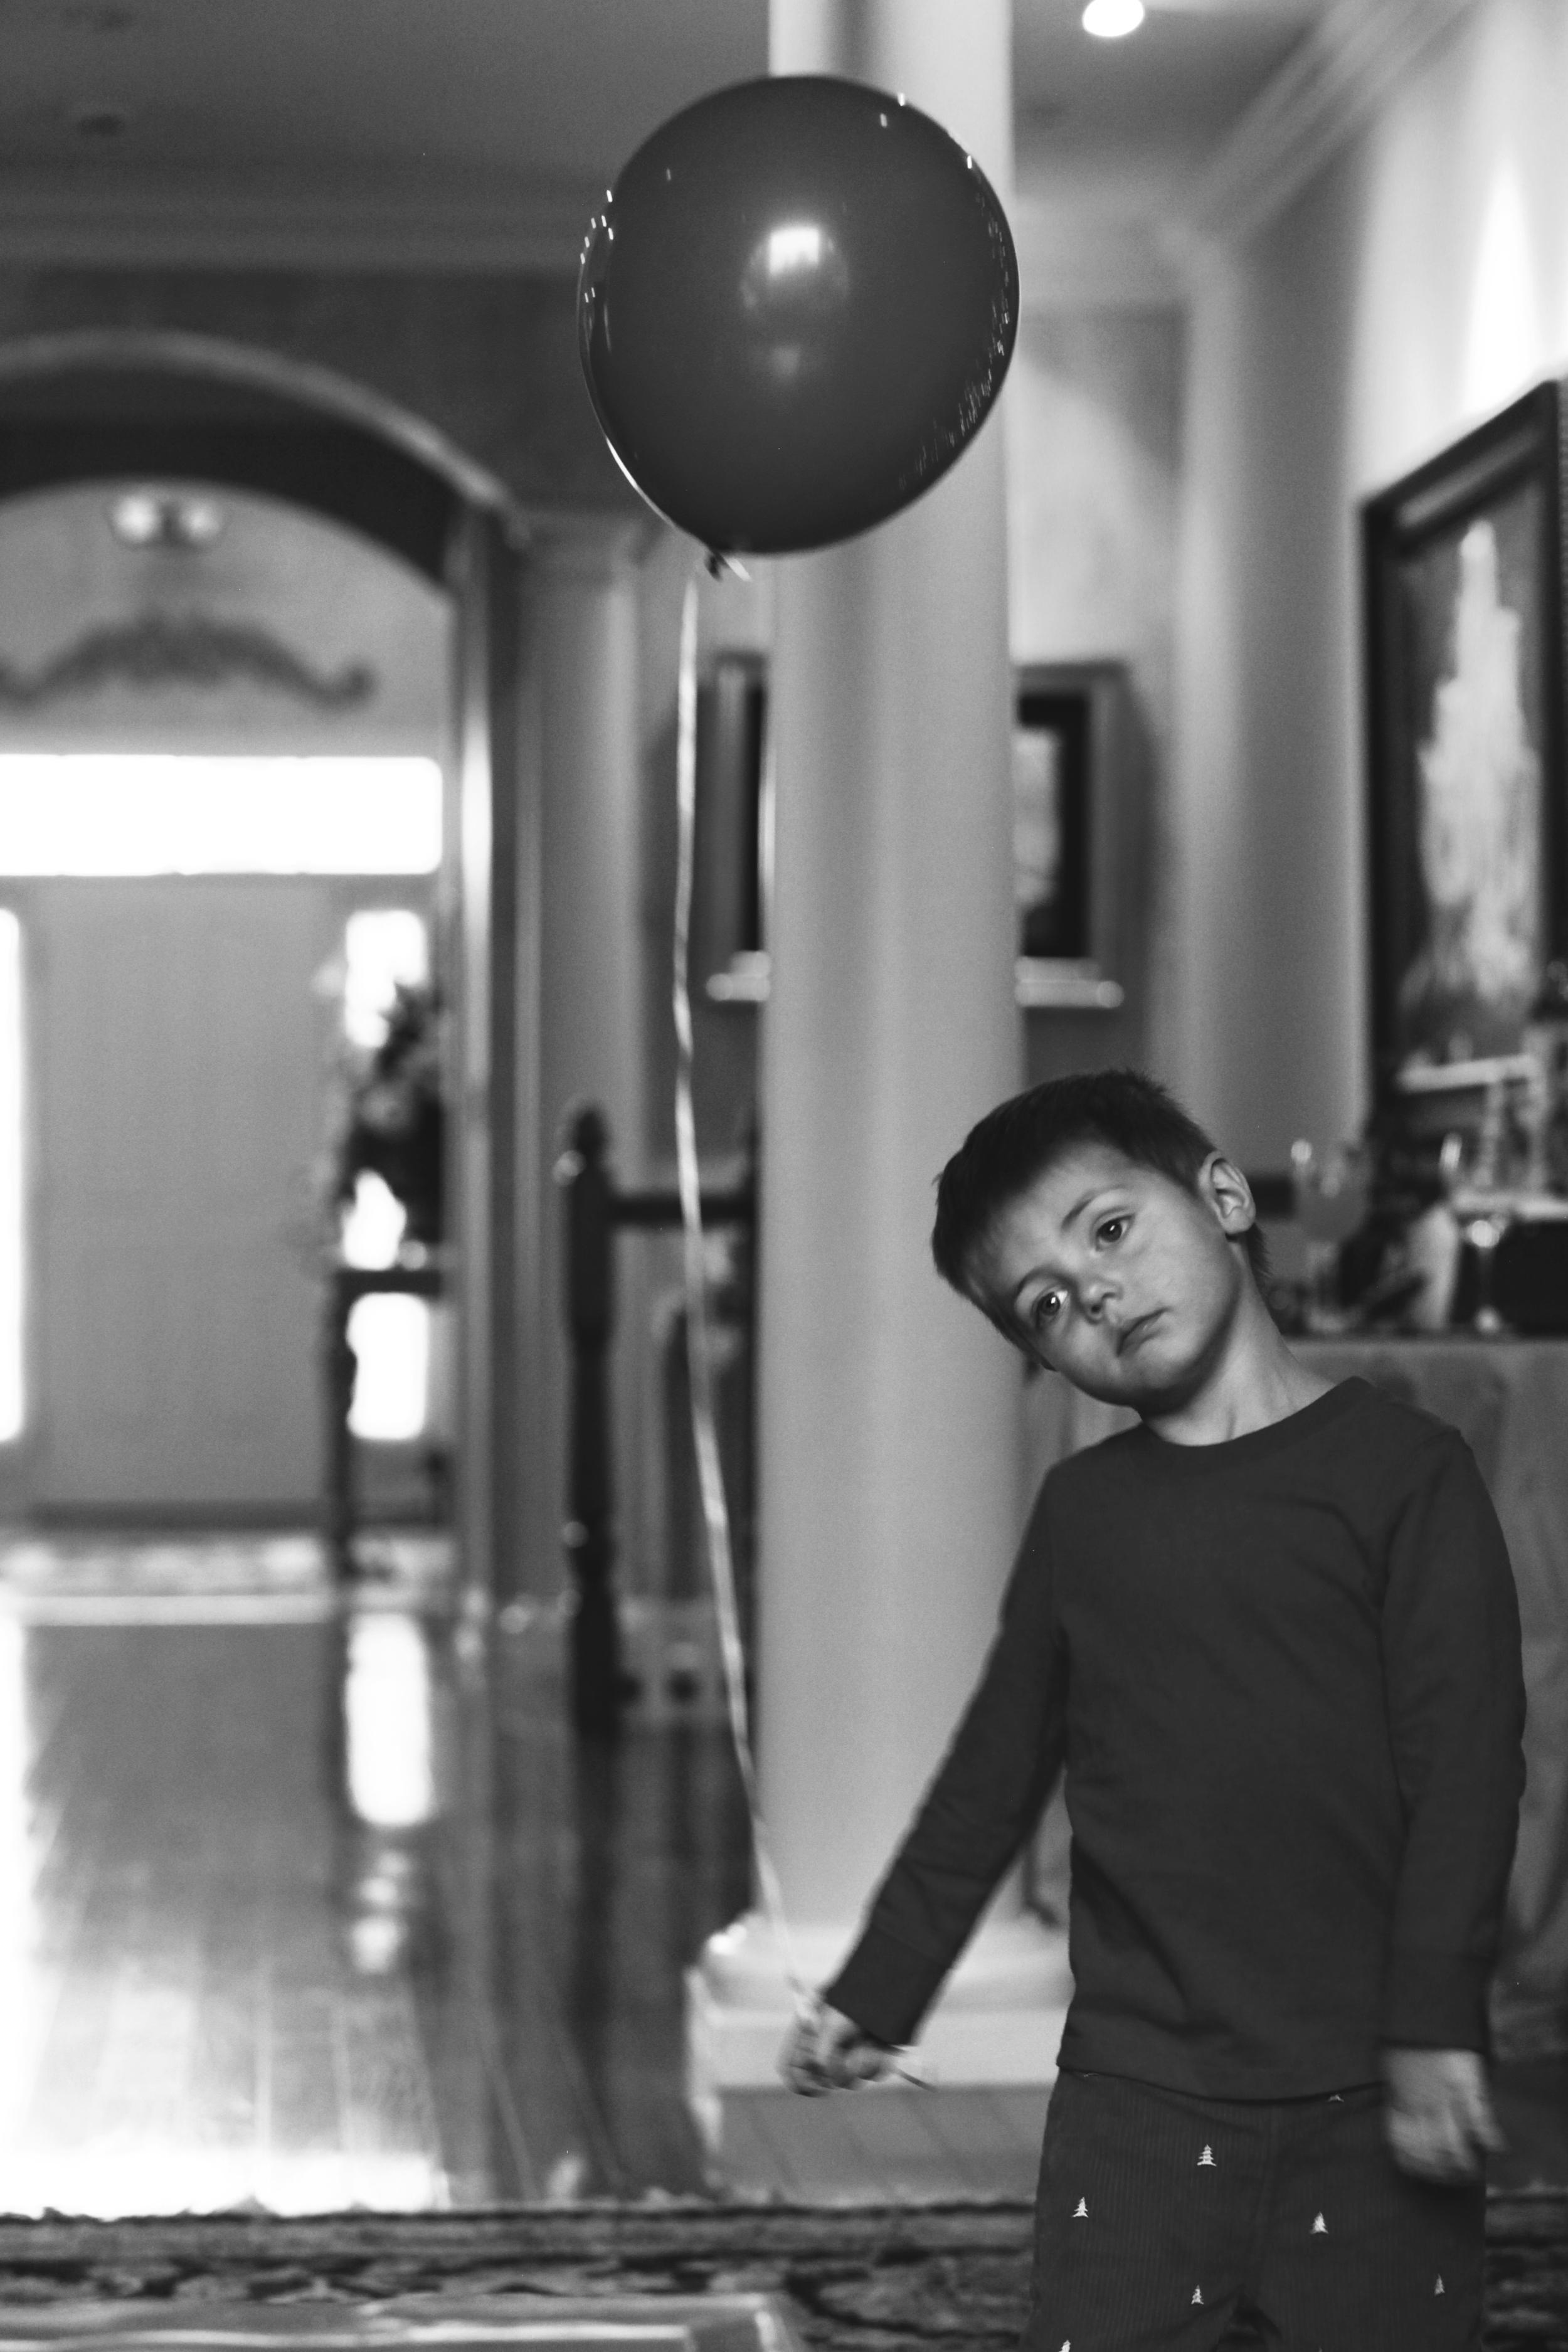 Max and his balloon, Christmas, 2014